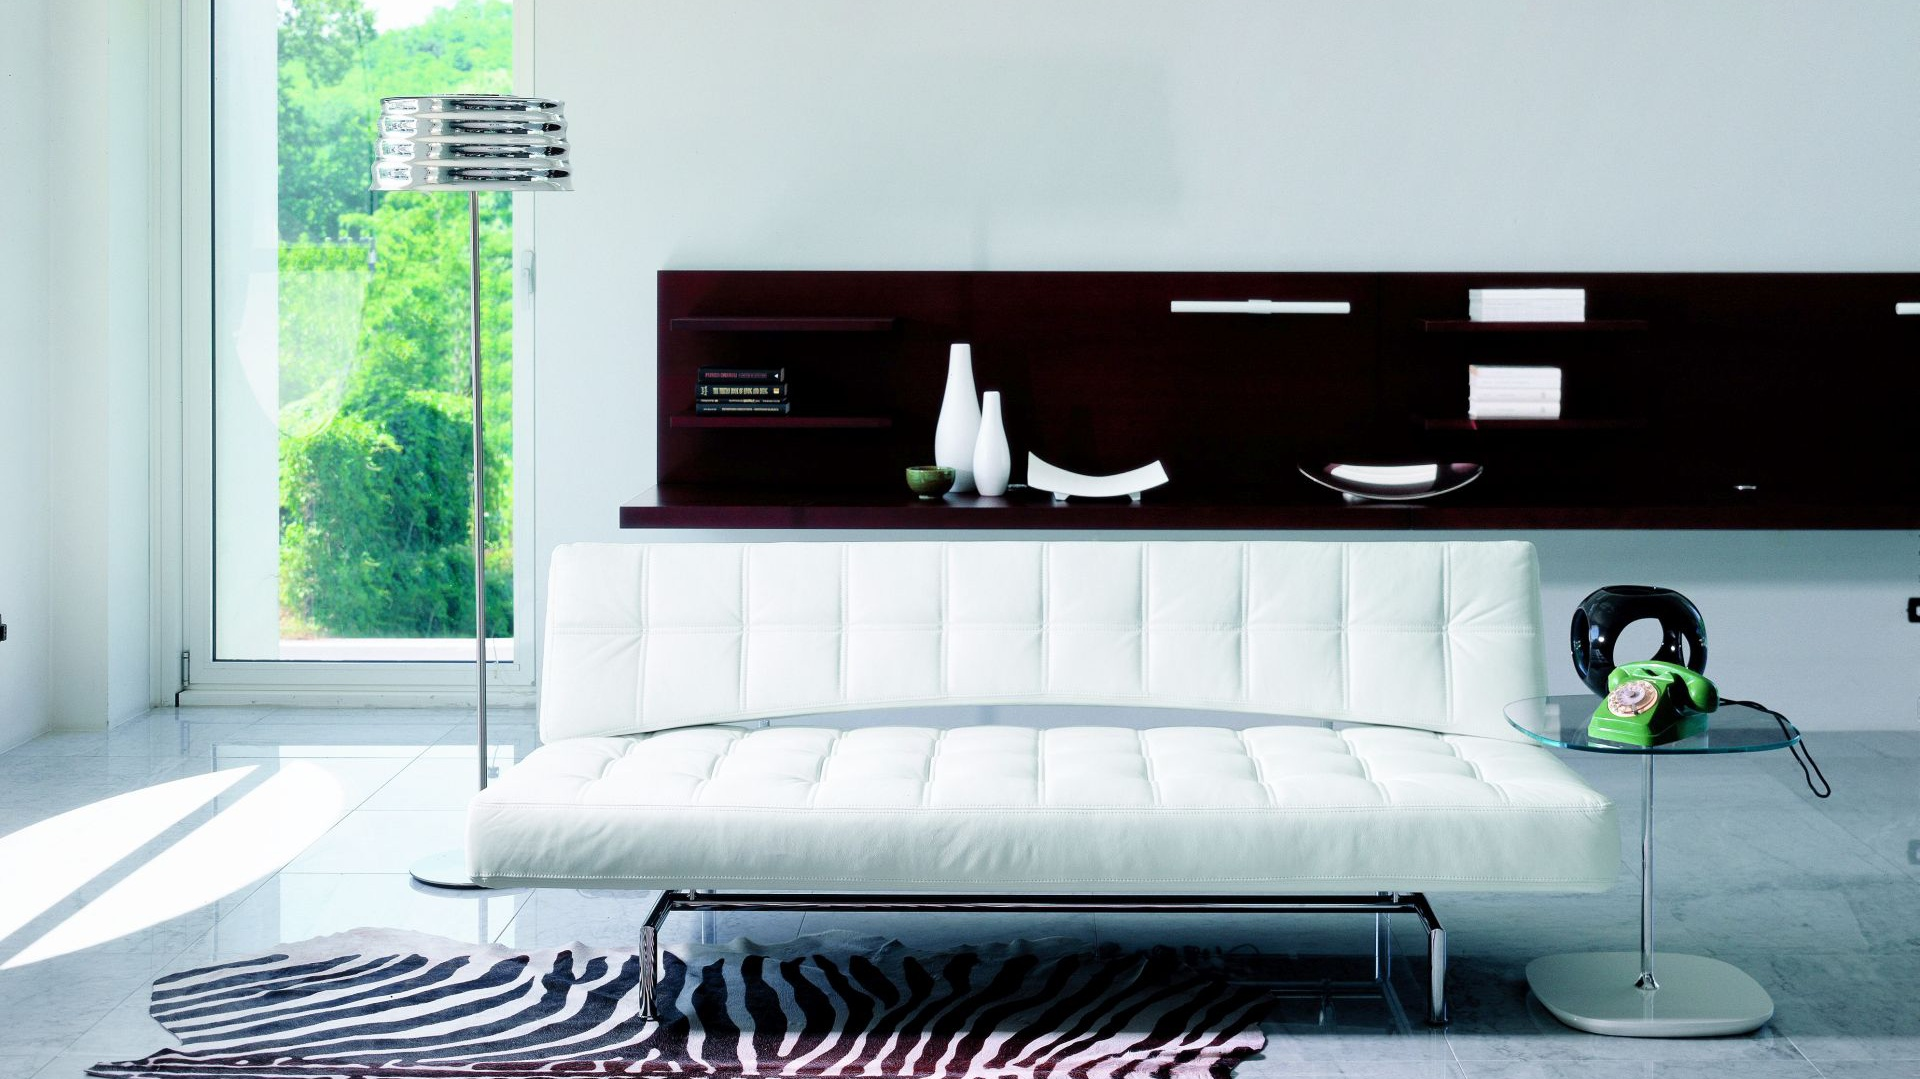 Nowoczesna sofa pikowana Pierrot marki Bonaldo. Funkcja spania sprawia, że mebel jest nie tylko ładny, ale też uniwersalny. Mebel dostępny w Go Modern Furniture. Fot. Go Modern Furniture.